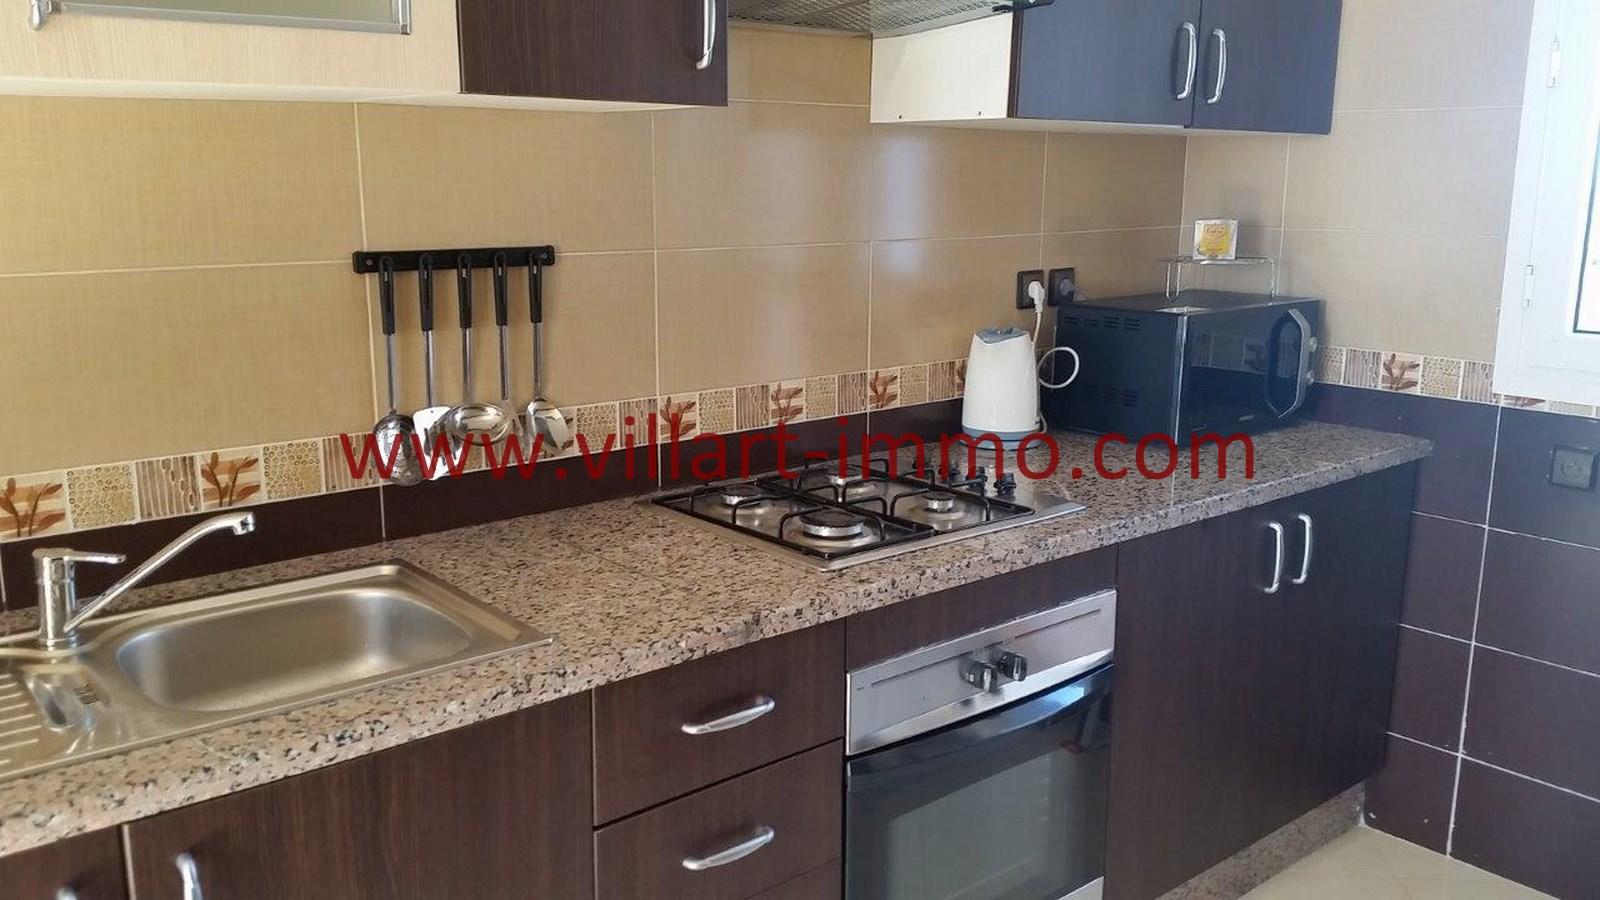 10-Location-Appartement-Meublé-Achakar-Tanger-Cuisine'-L831-Villart immo